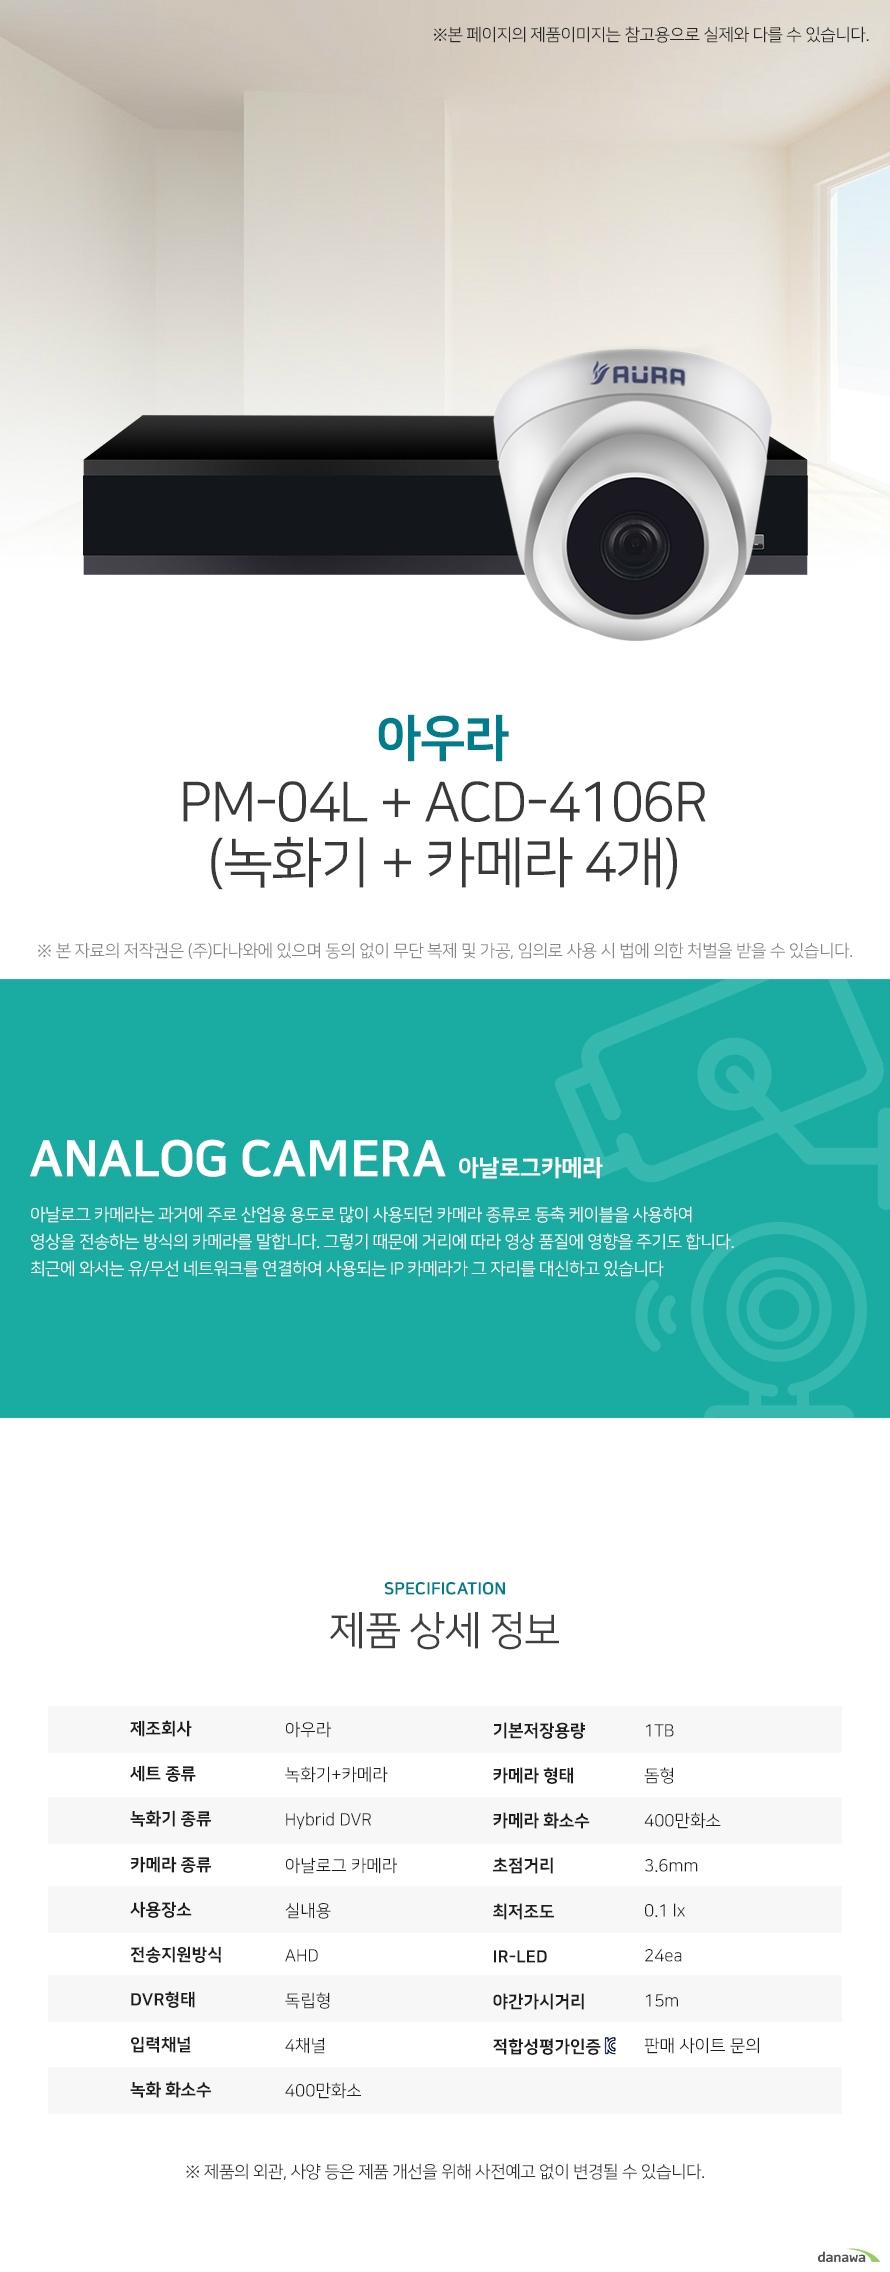 아우라 PM-04L + ACD-4106R (녹화기 + 카메라 4개) 상세 스펙  [세트구성] 녹화기+카메라 / Hybrid DVR / 아날로그 카메라 / 실내용 / AHD / [녹화기] 독립형 / 4채널 / 400만화소 / 기본저장용량: 1TB / 압축방식: H.264 / [카메라] 돔형 / 400만화소 / 초점거리: 3.6mm / 최저조도: 0.1 lx / IR-LED: 24ea / 야간(주간)자동전환 / 역광보정 / AGC / 자동화이트밸런스 / 적외선LED